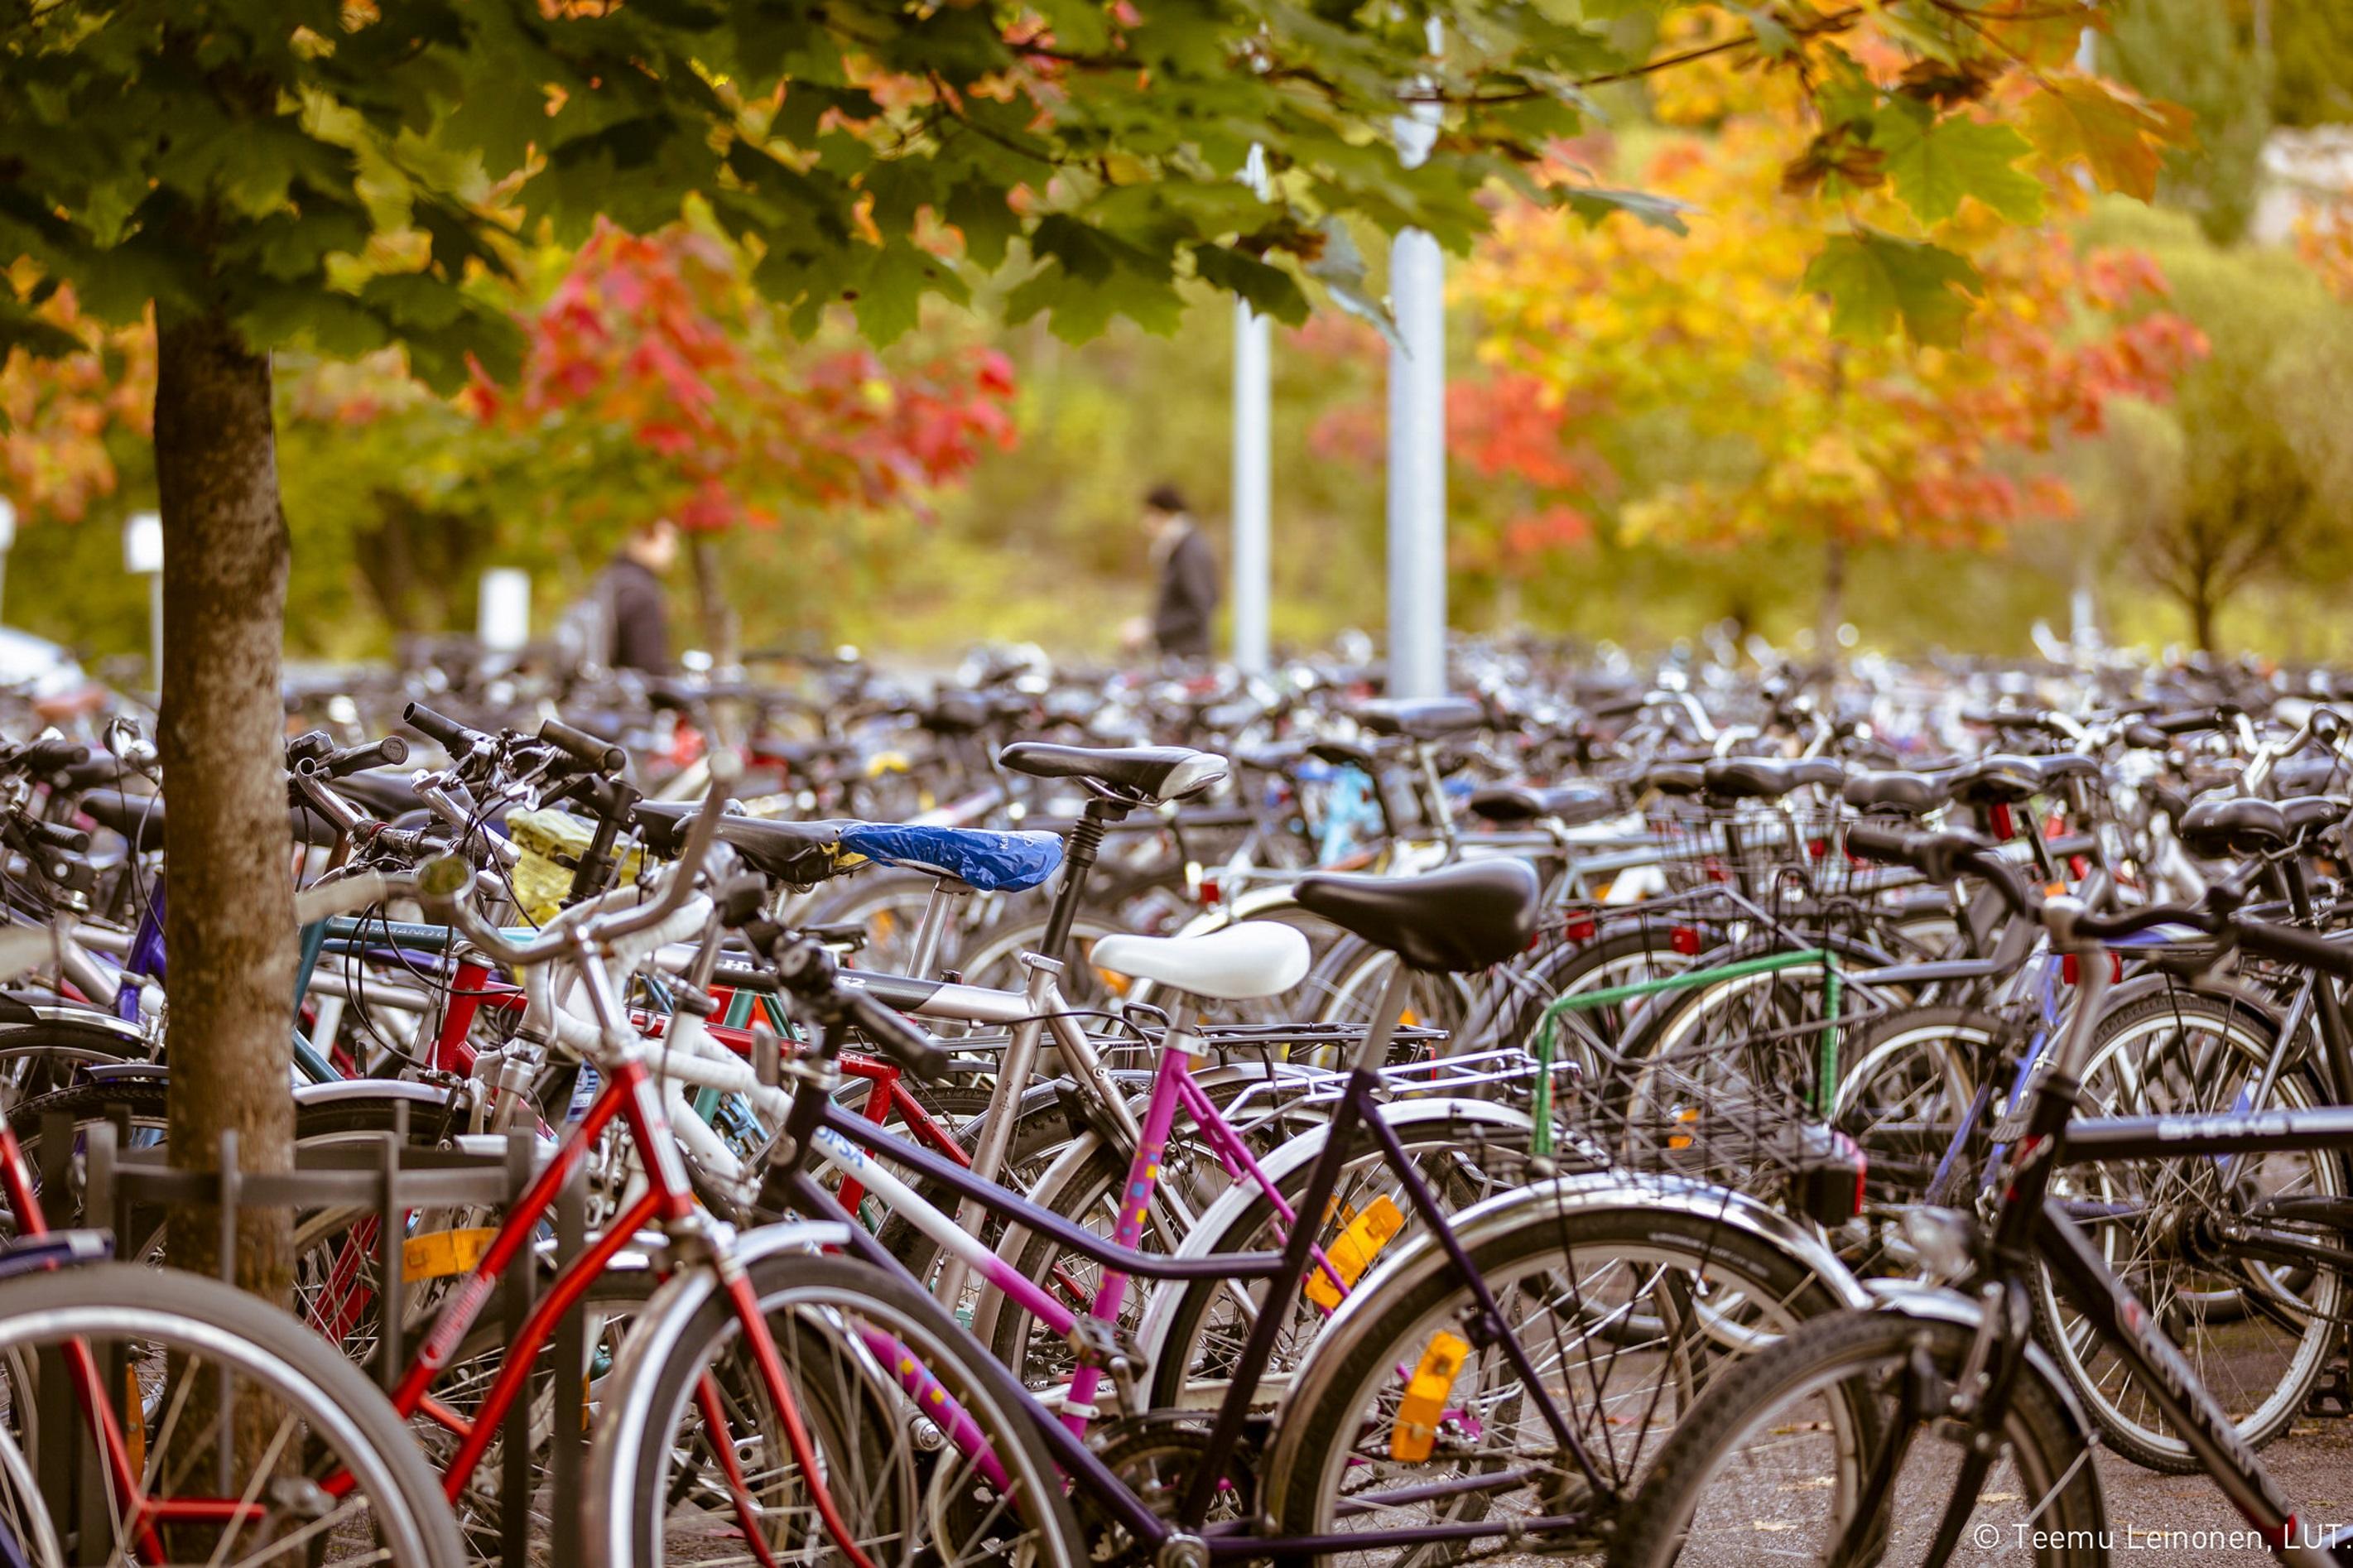 Vaihtoehtona avoin yliopisto – Blogi LUTissa opiskelusta ja yliopistoon hakemisesta